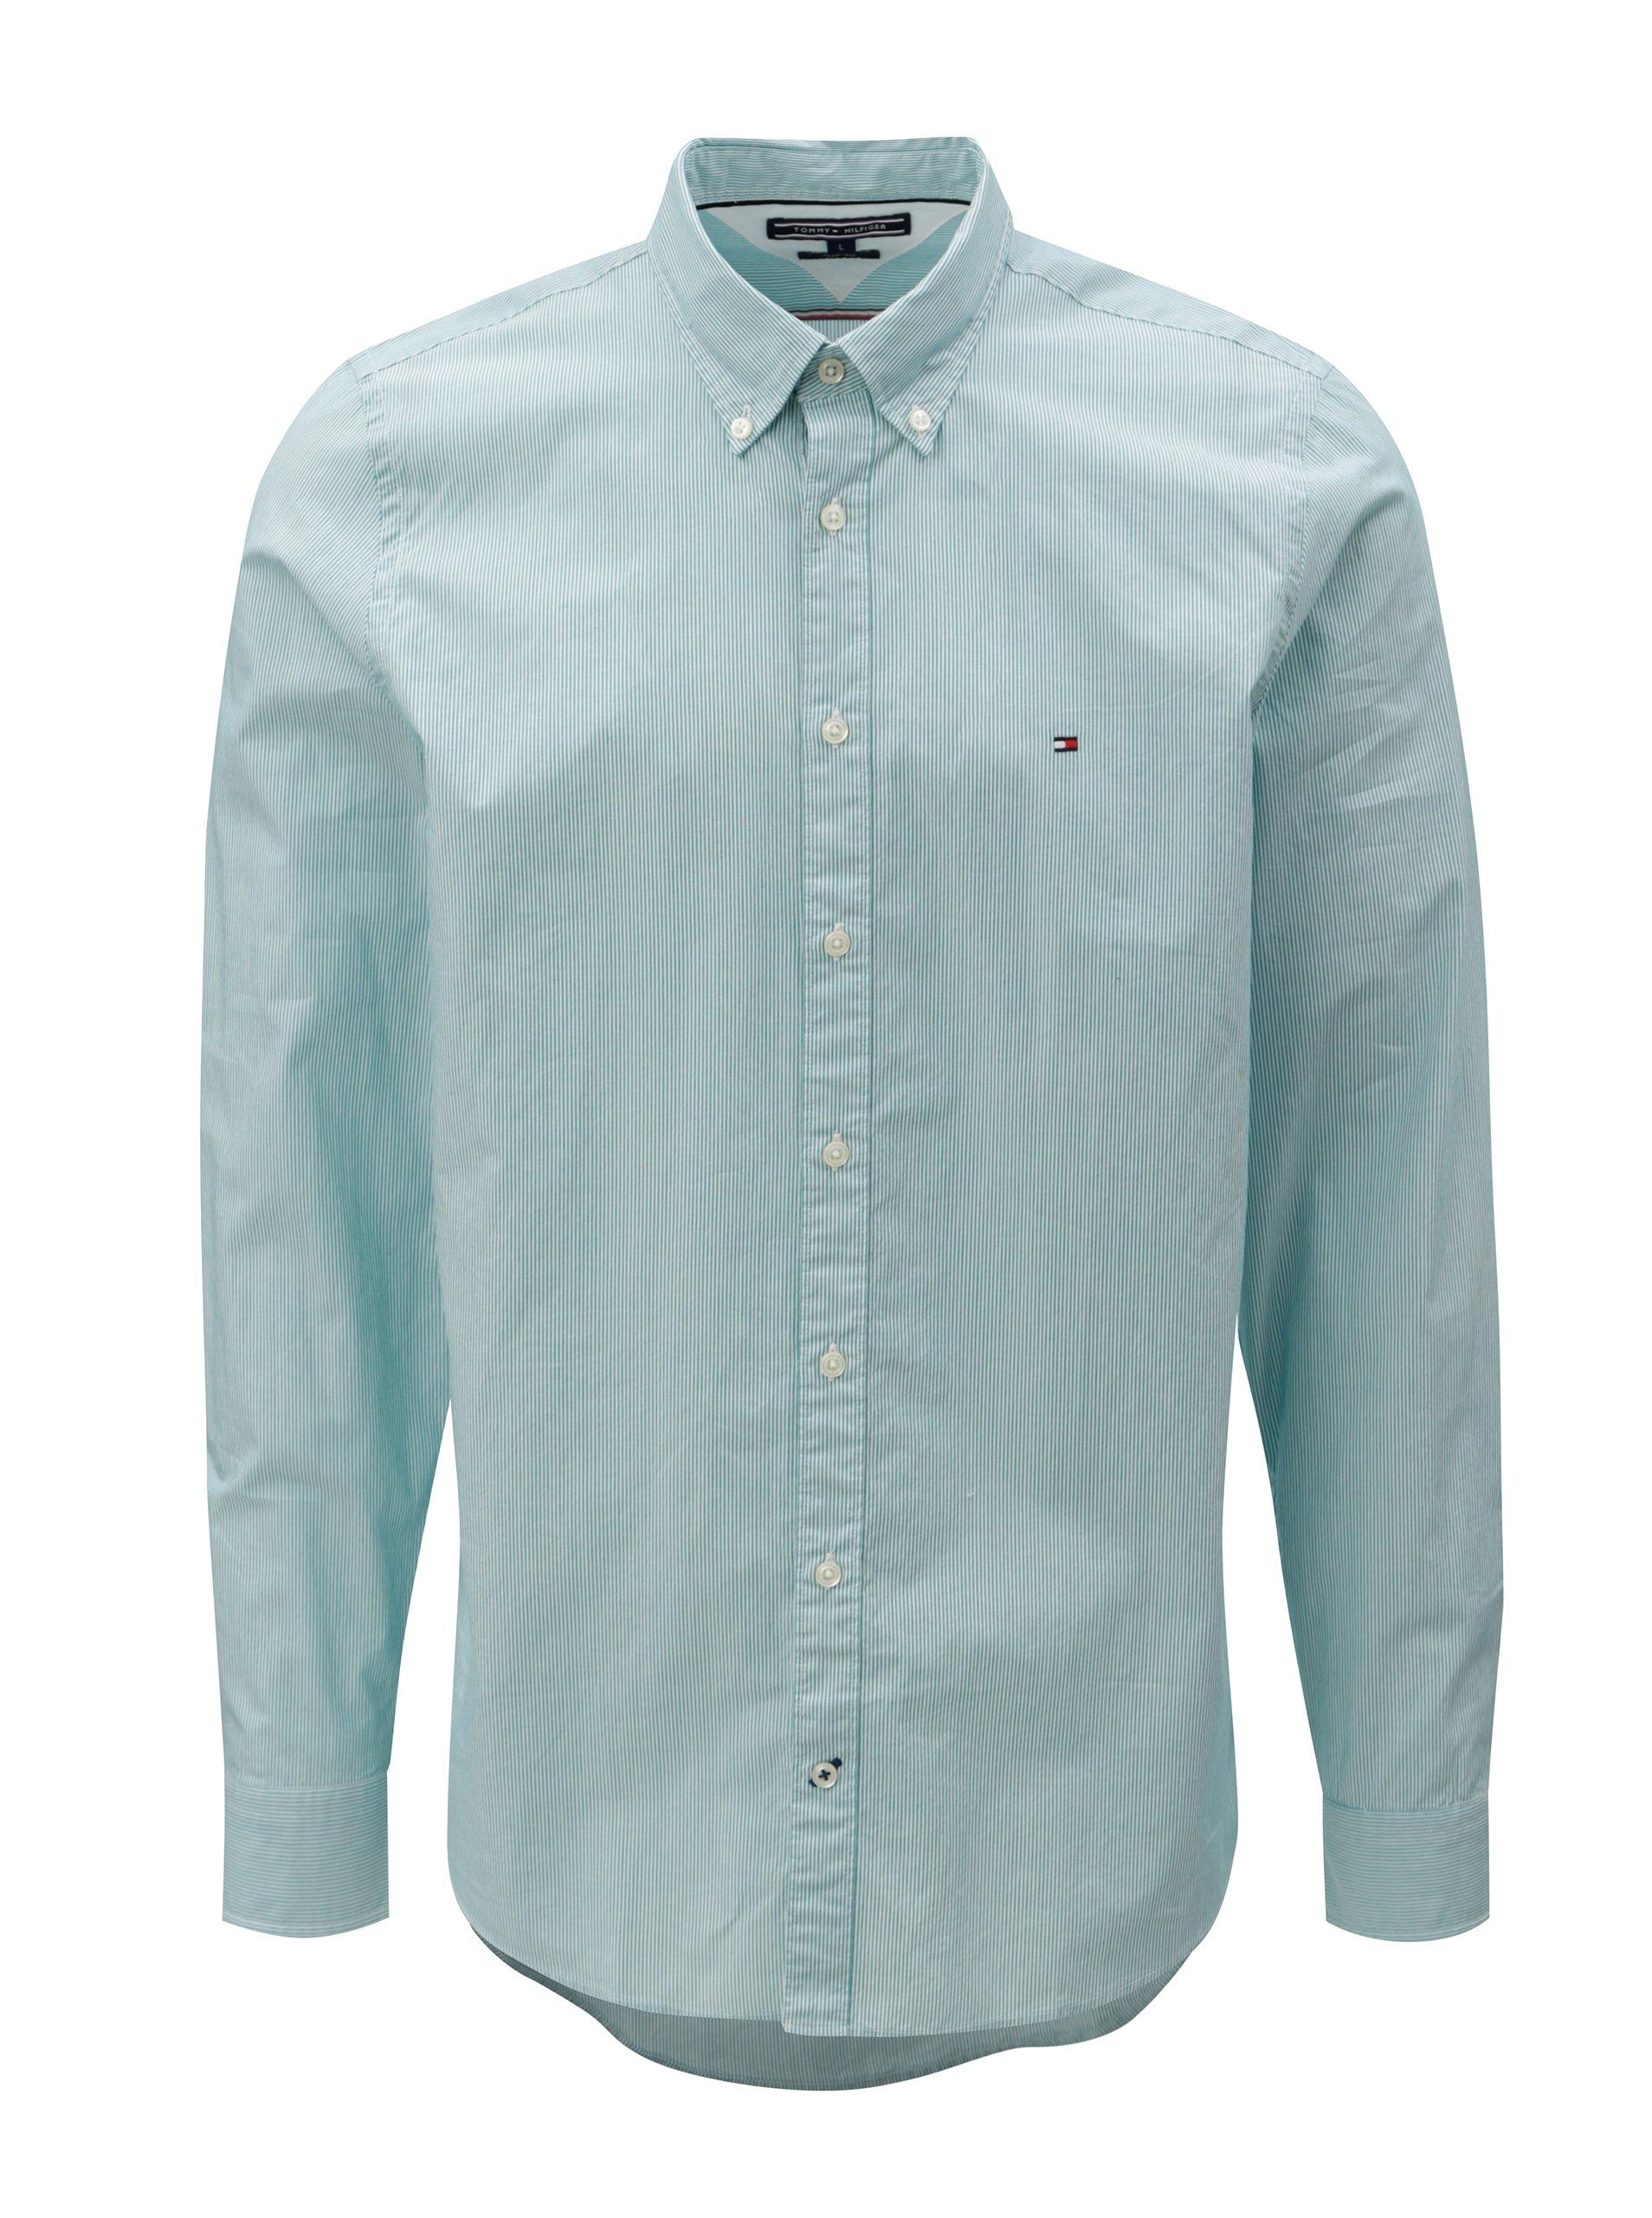 426da4eac384 Bielo-zelená pánska pruhovaná slim fit košeľa Tommy Hilfiger